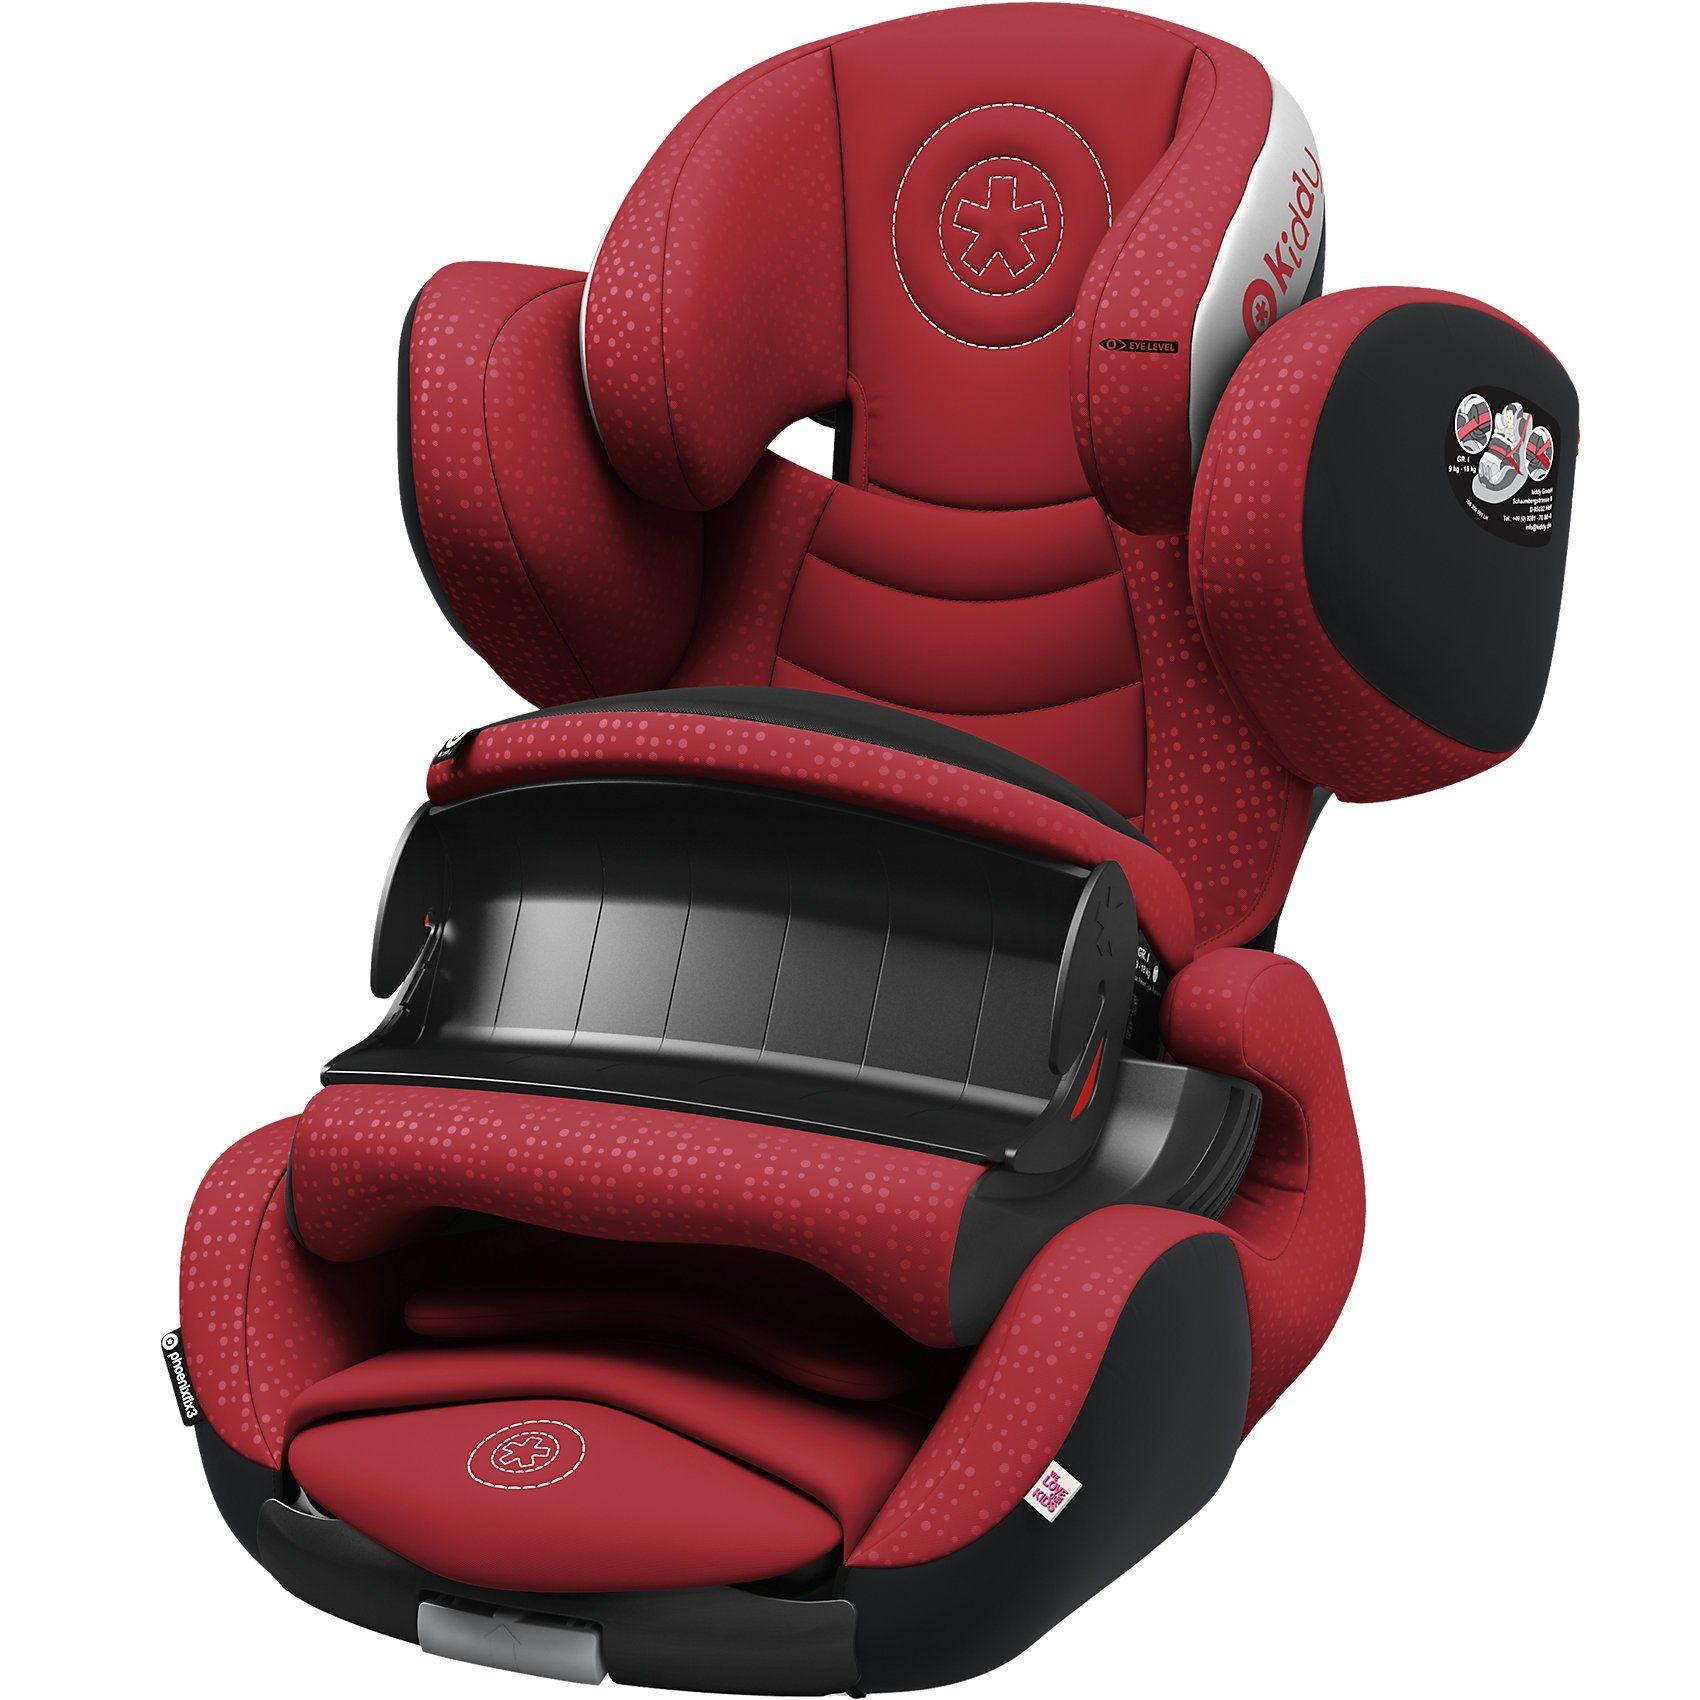 kiddy Auto-Kindersitz Phoenixfix 3, ruby red, 2018